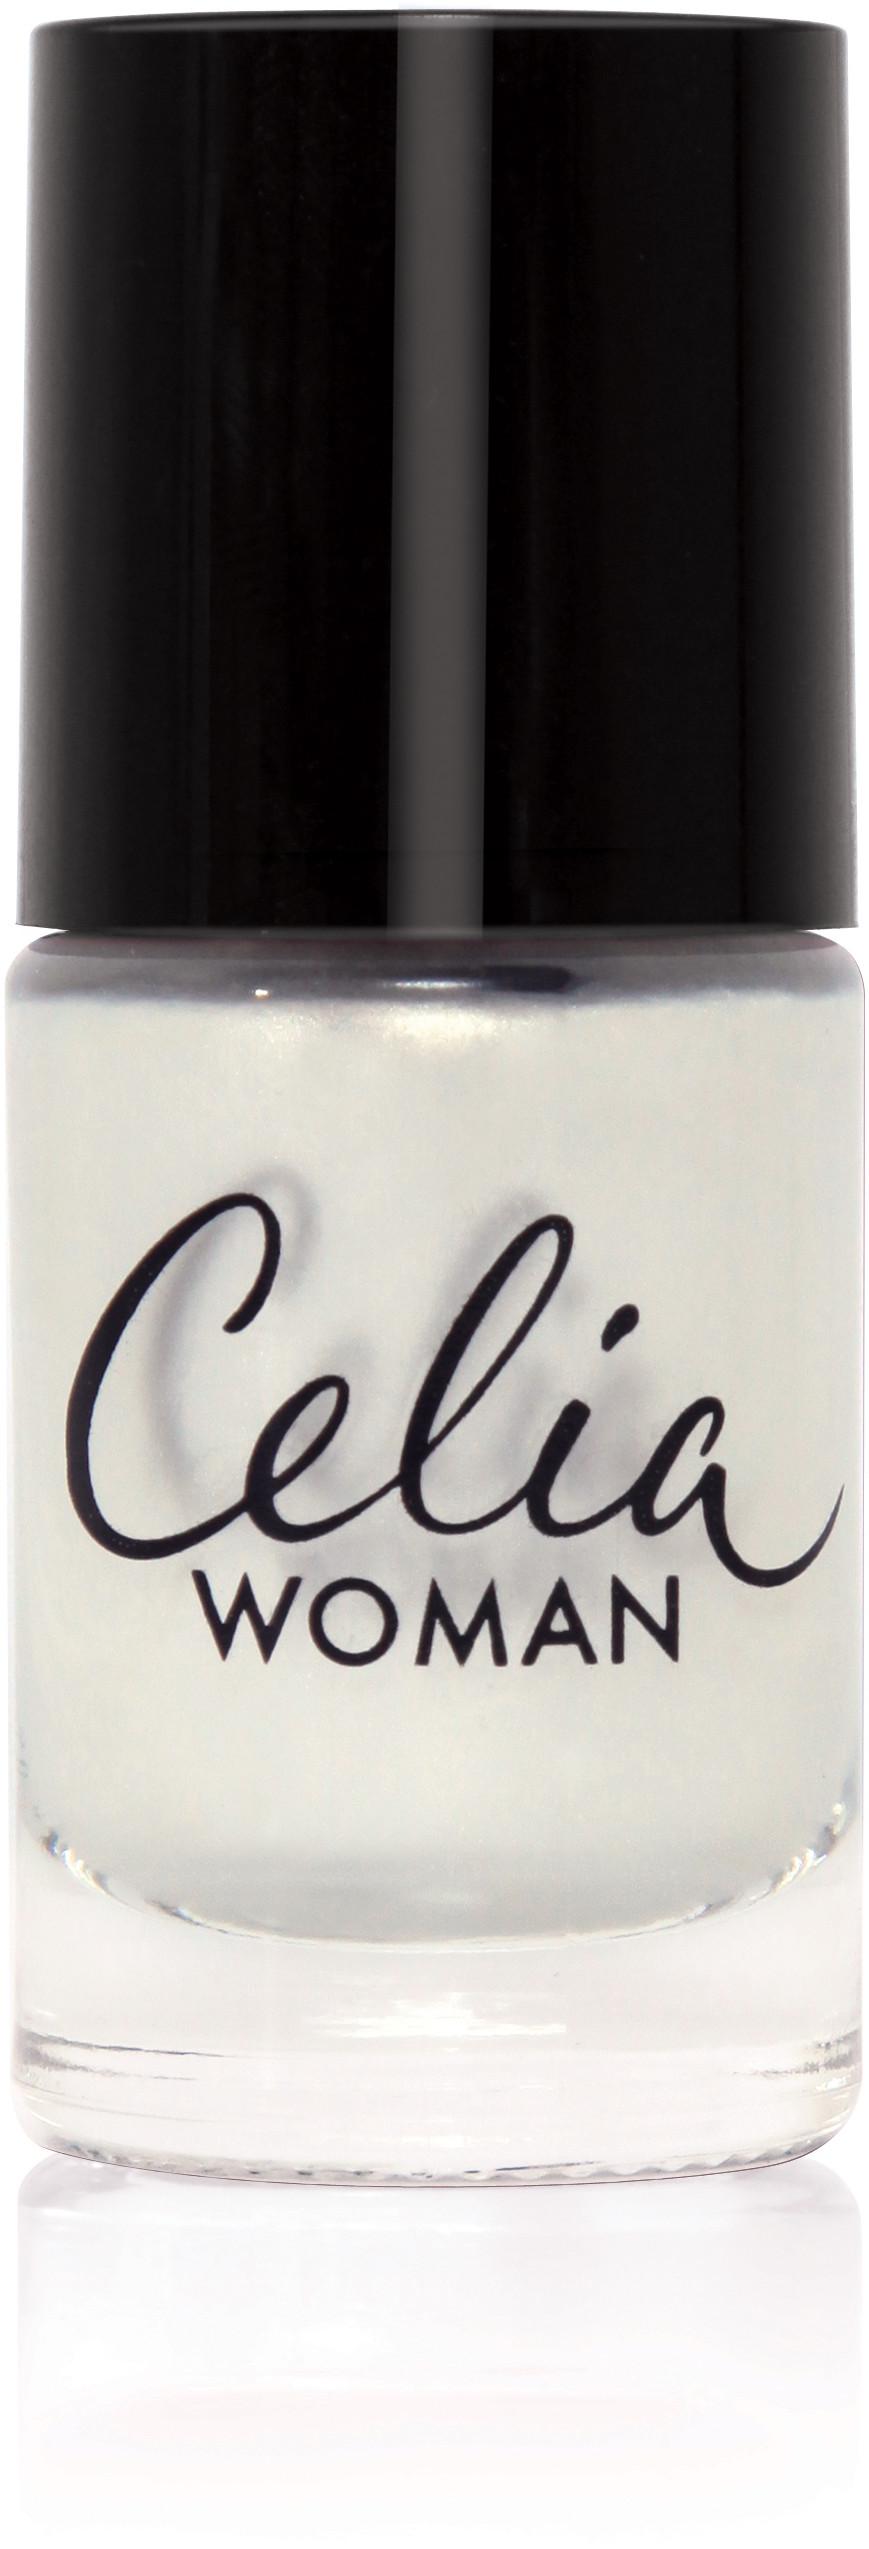 Celia Woman 10 ml Lakier do paznokci winylowy perłowy nr 201